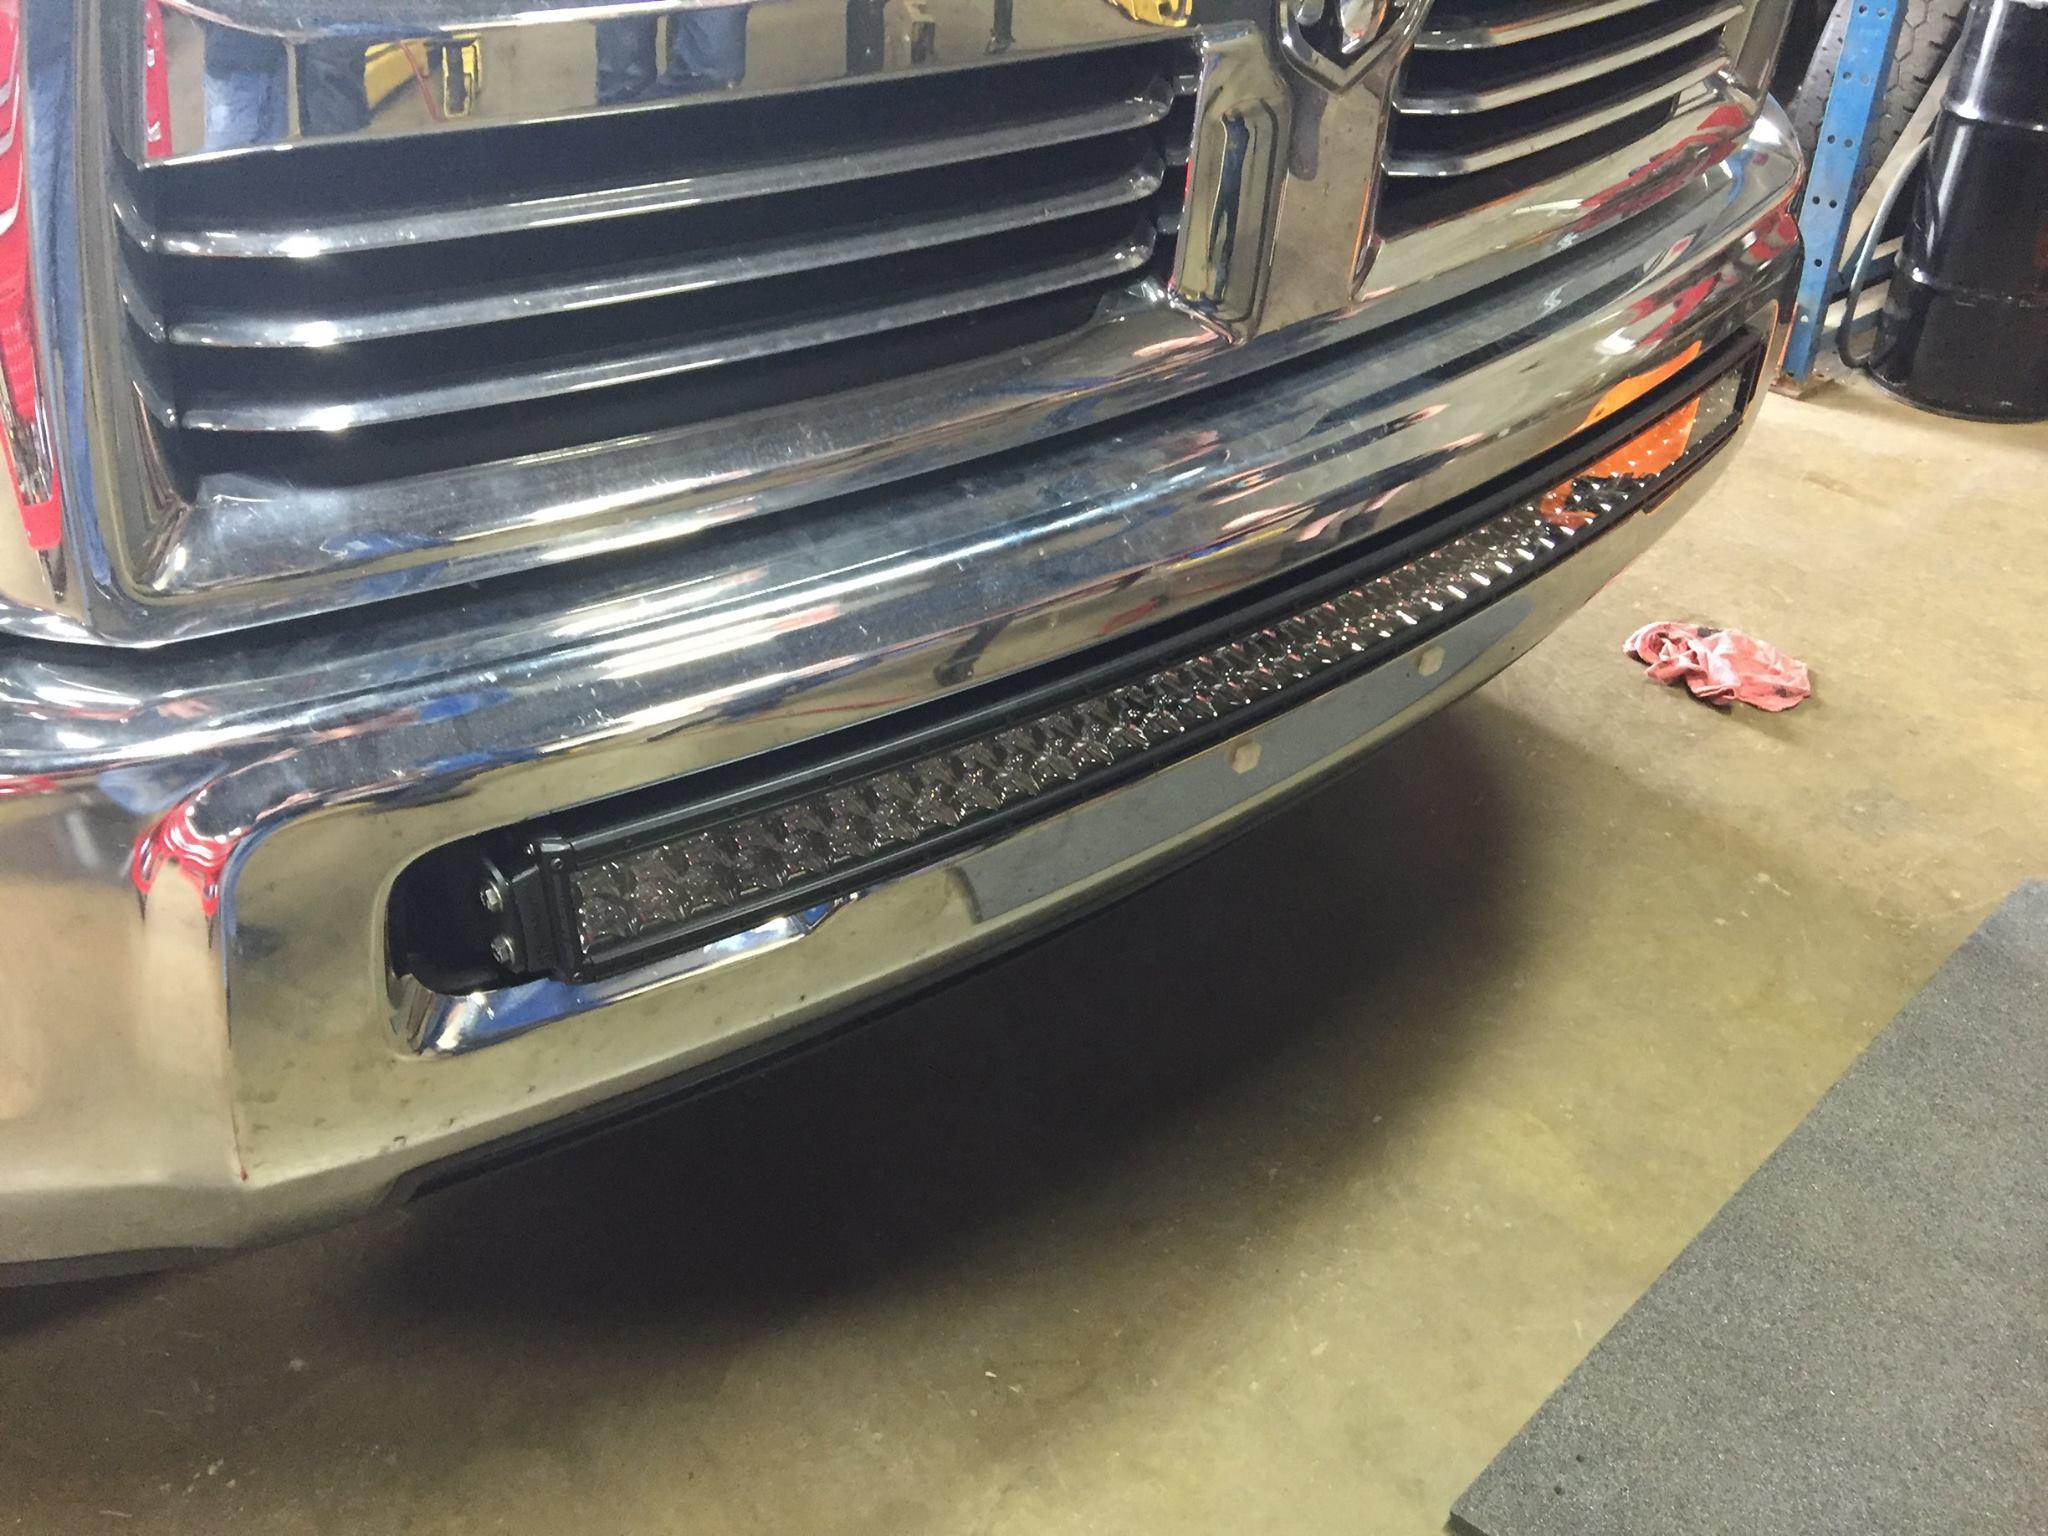 10 16 25003500 40 rigid rds light bar bumper brackets quick view aloadofball Gallery